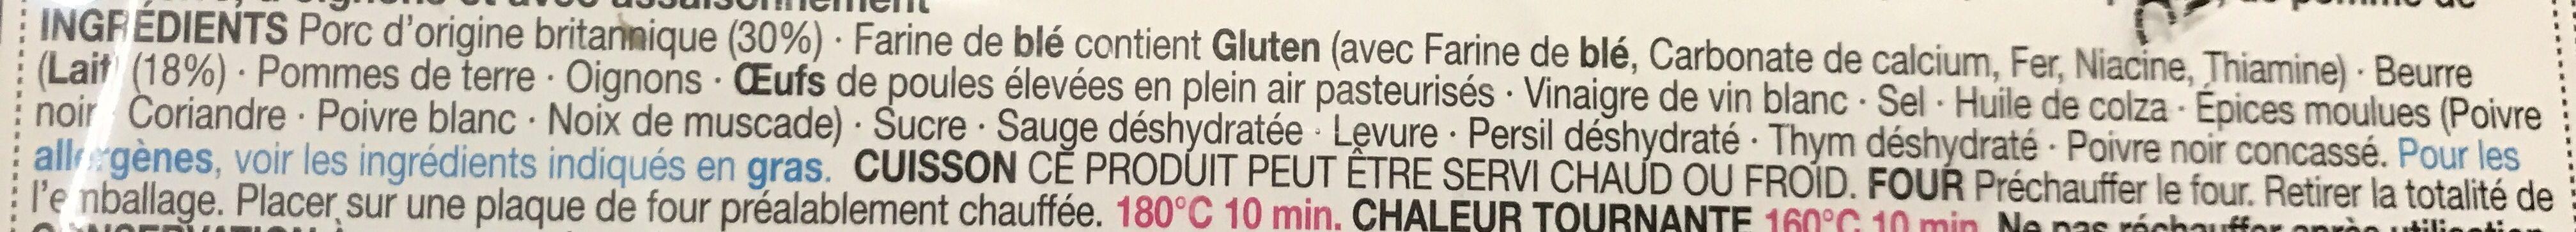 3 Friands à la Saucisse - Ingredients - fr